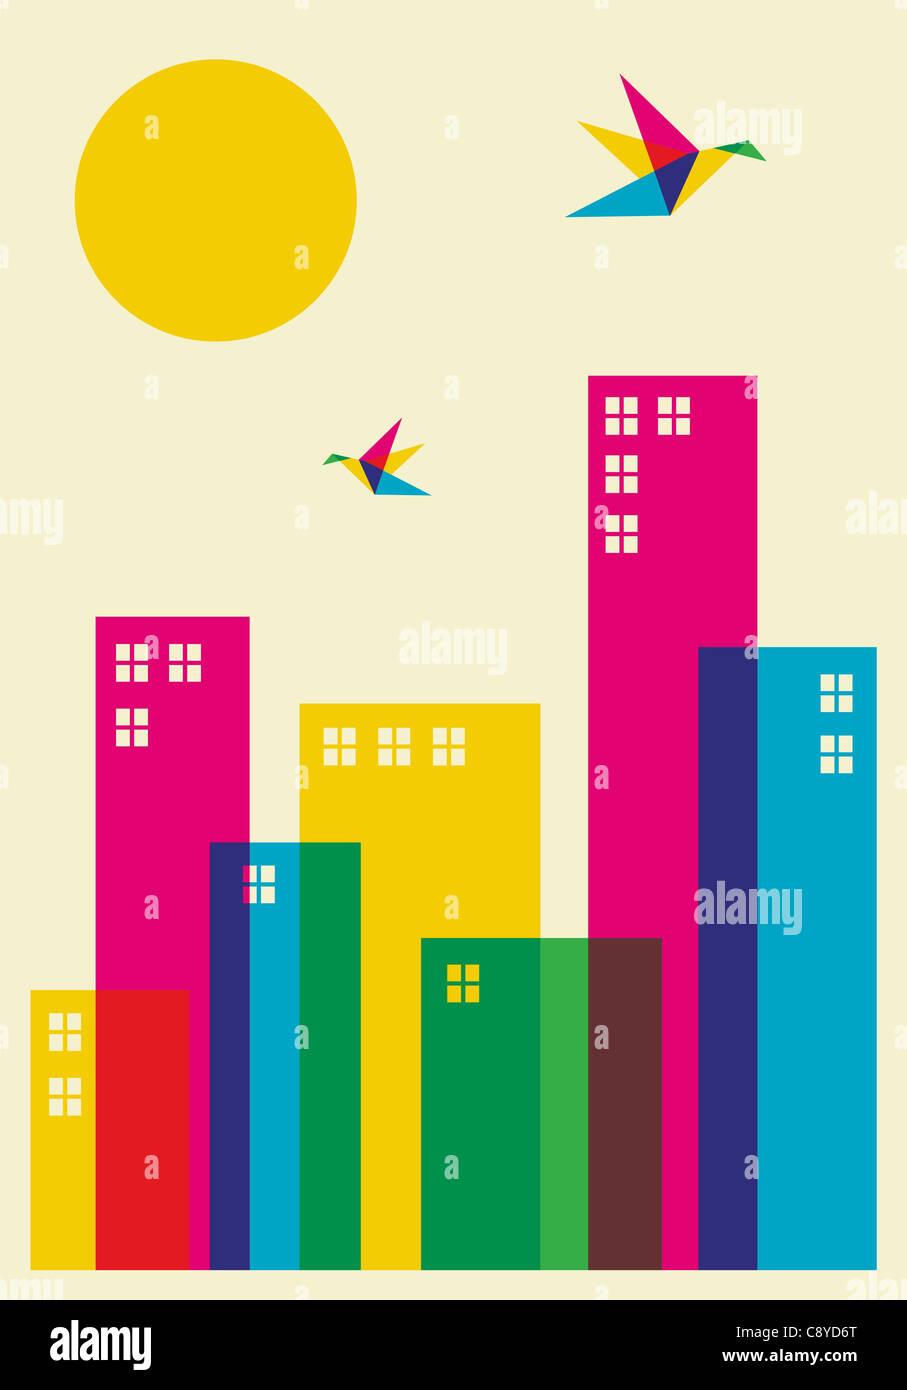 Printemps dans la ville. Couleur complet des colibris volant au-dessus de la ville. Fichier vecteur disponible. Photo Stock